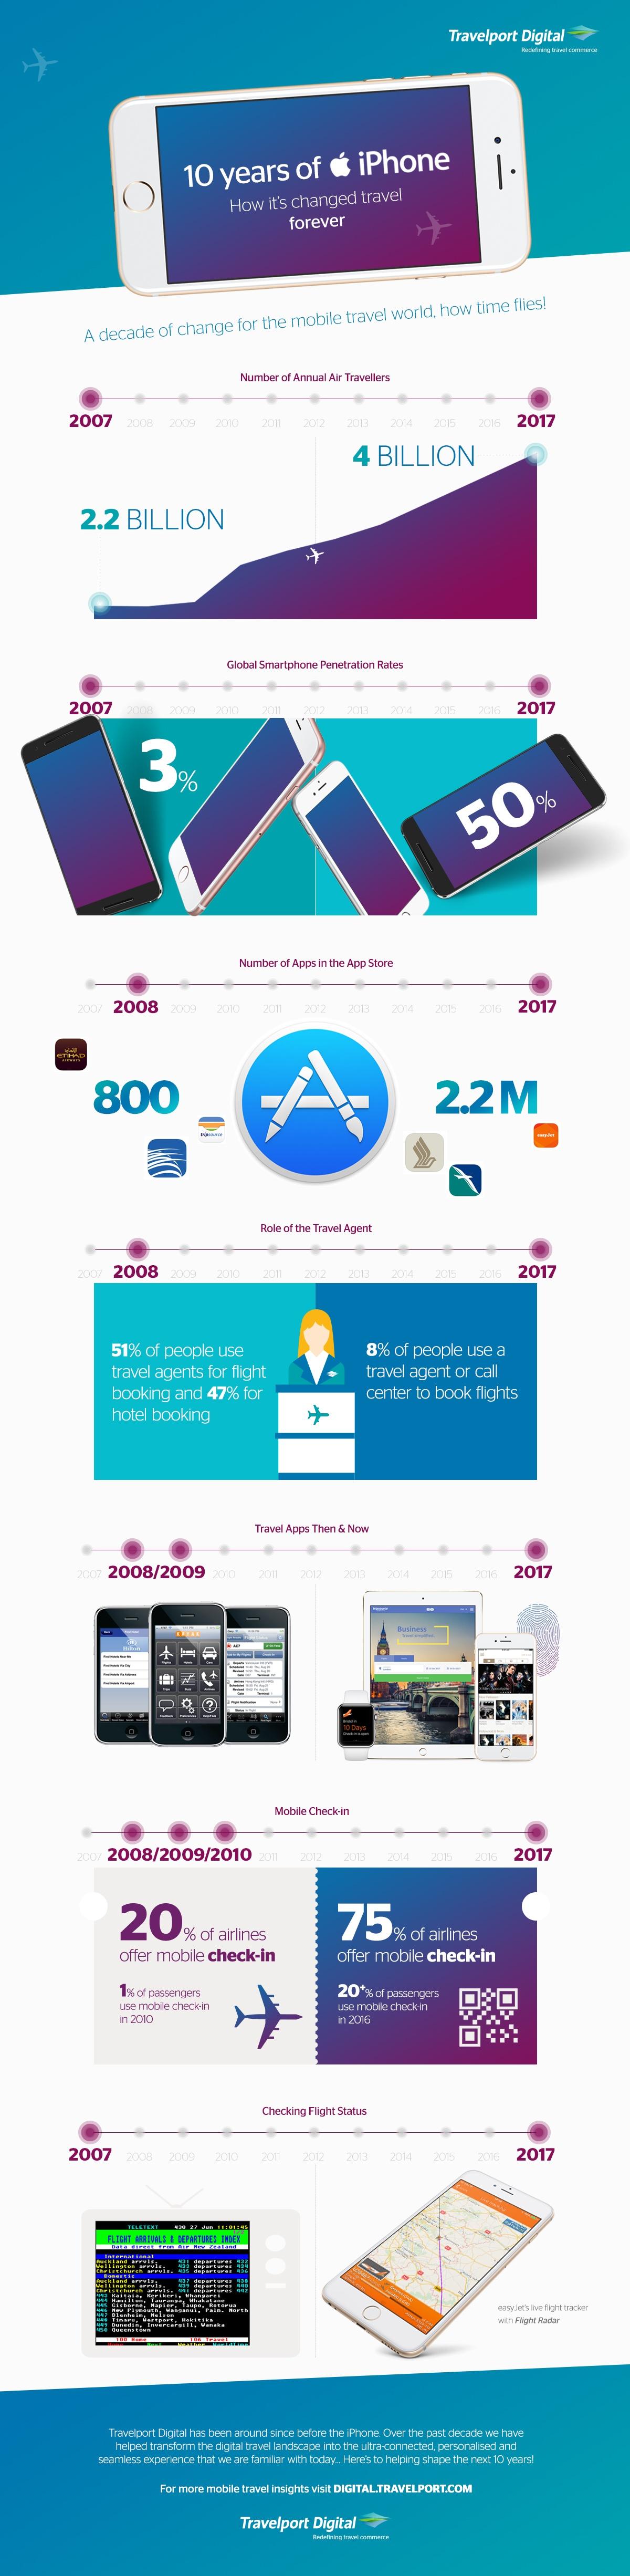 tien jaar iPhone